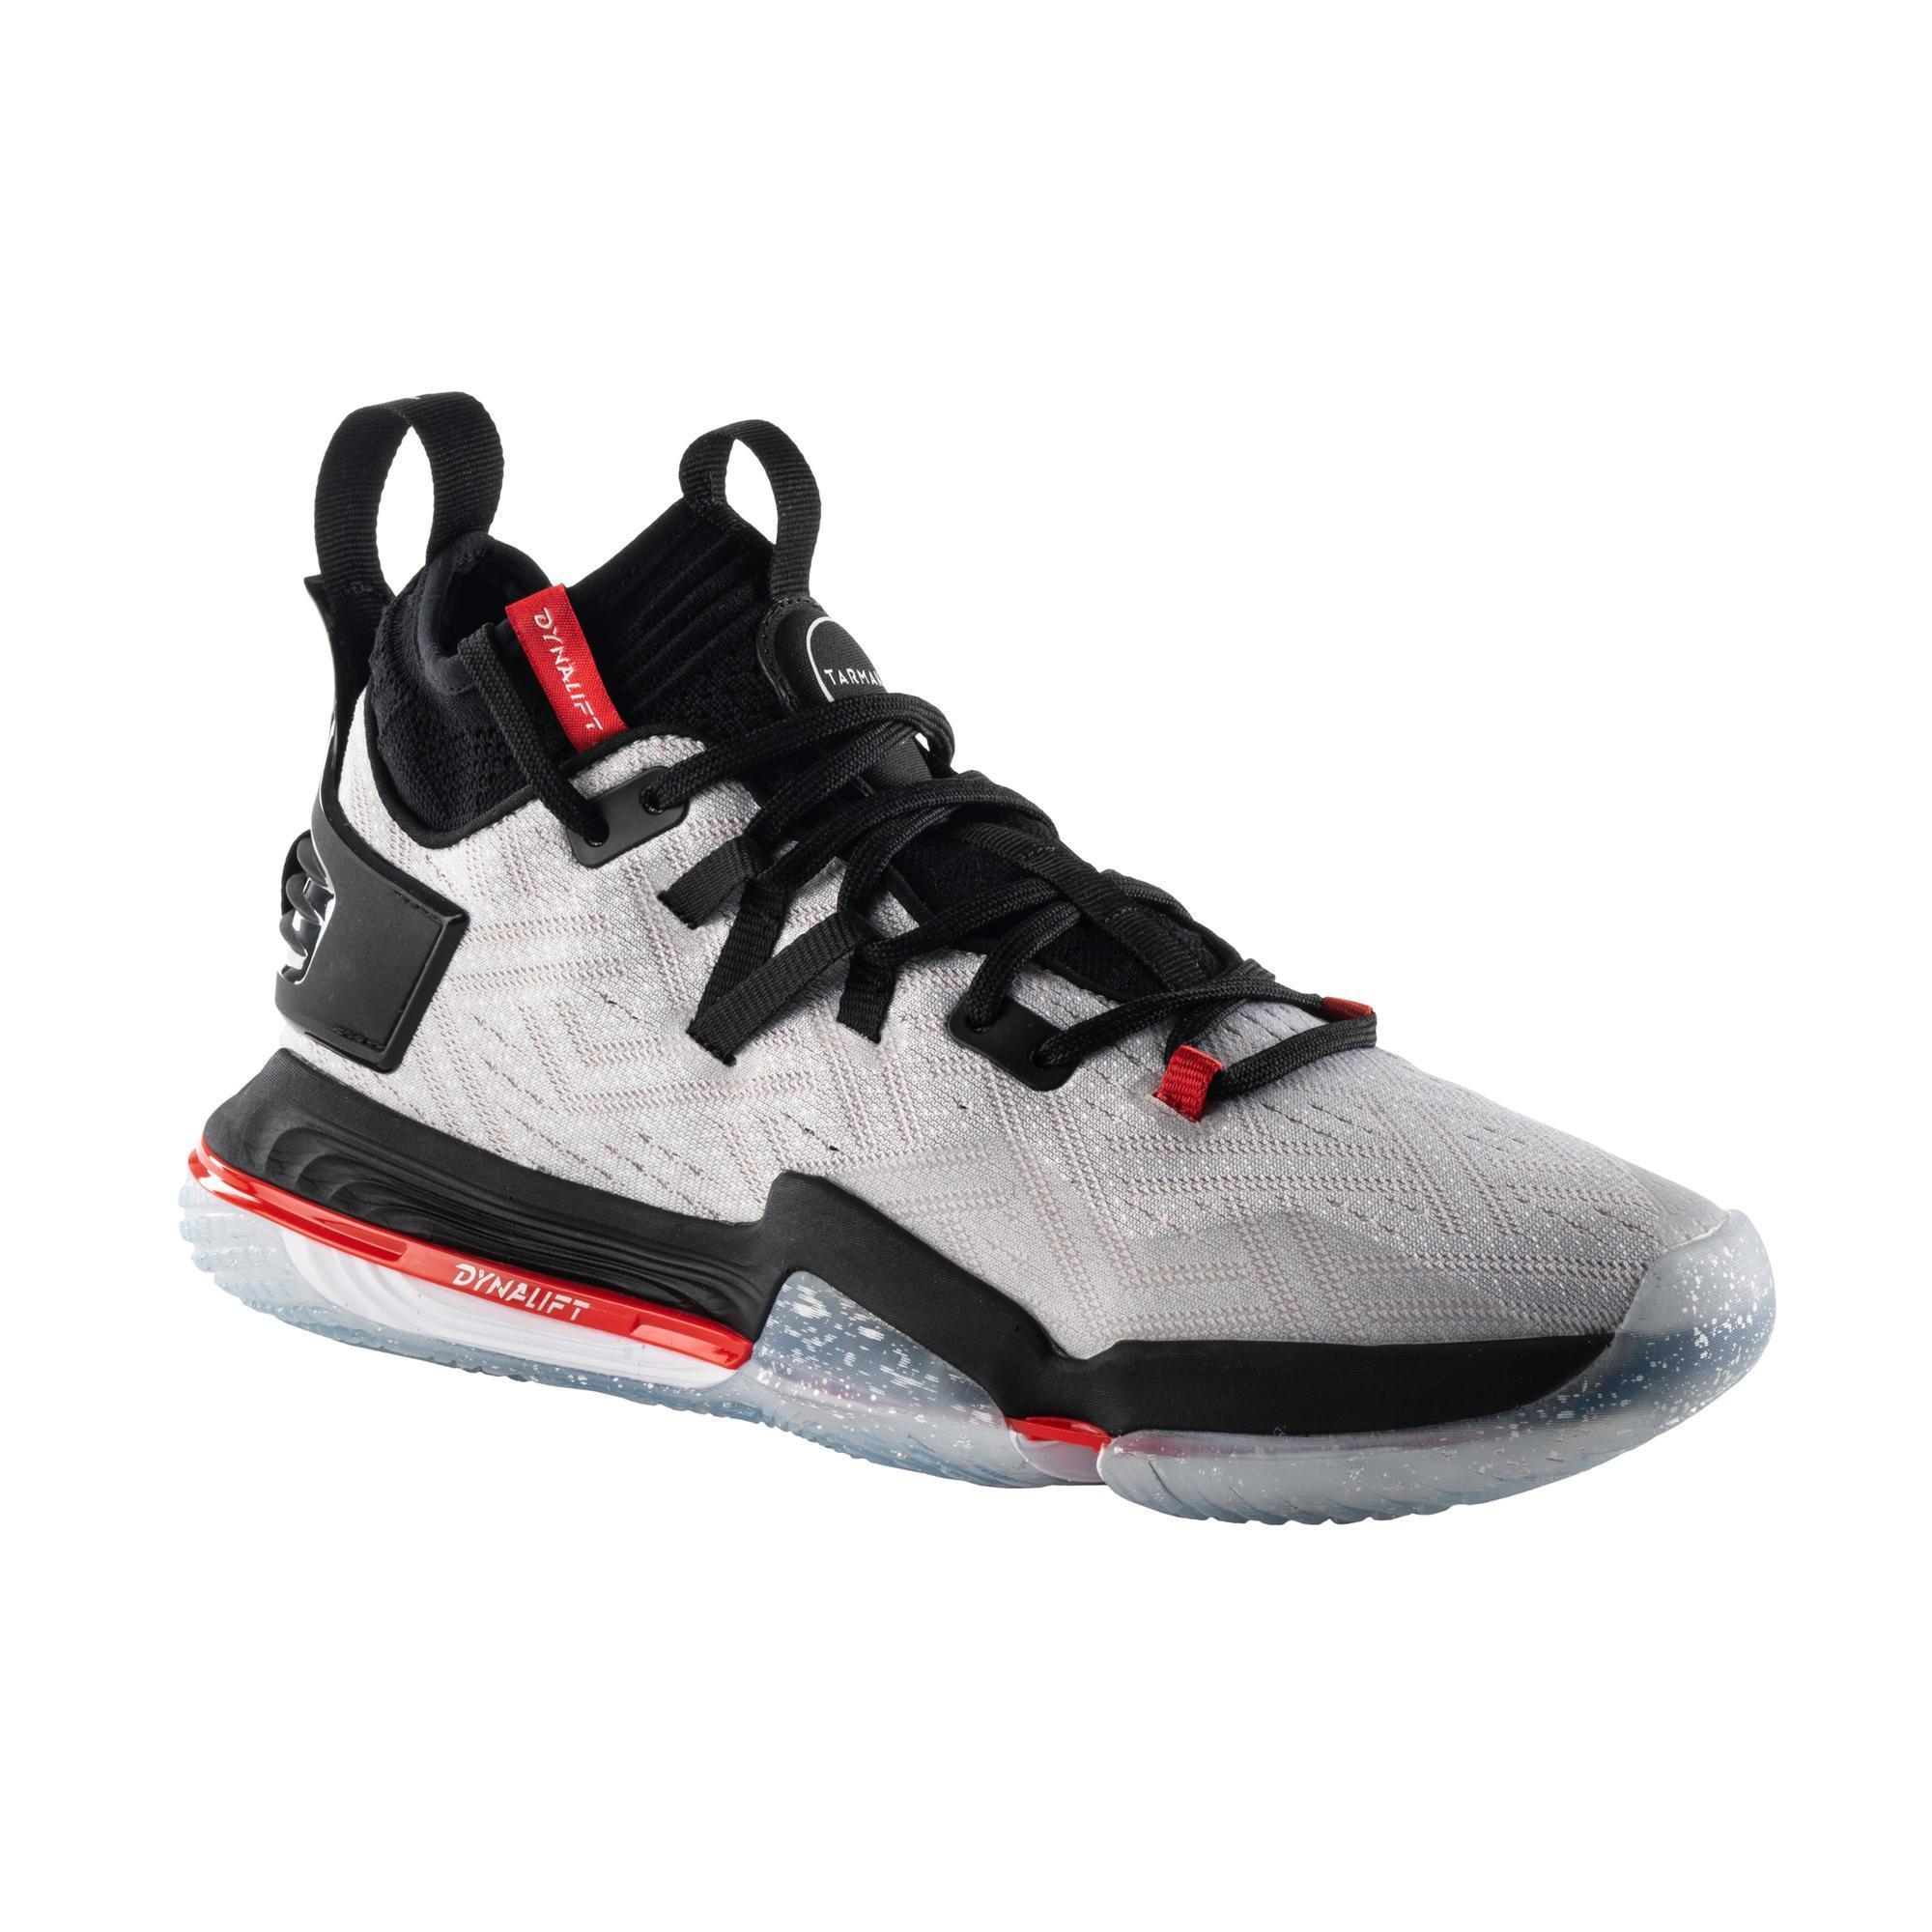 revendeur 45b3a 1b9ab Chaussures de Sport Homme   Decathlon